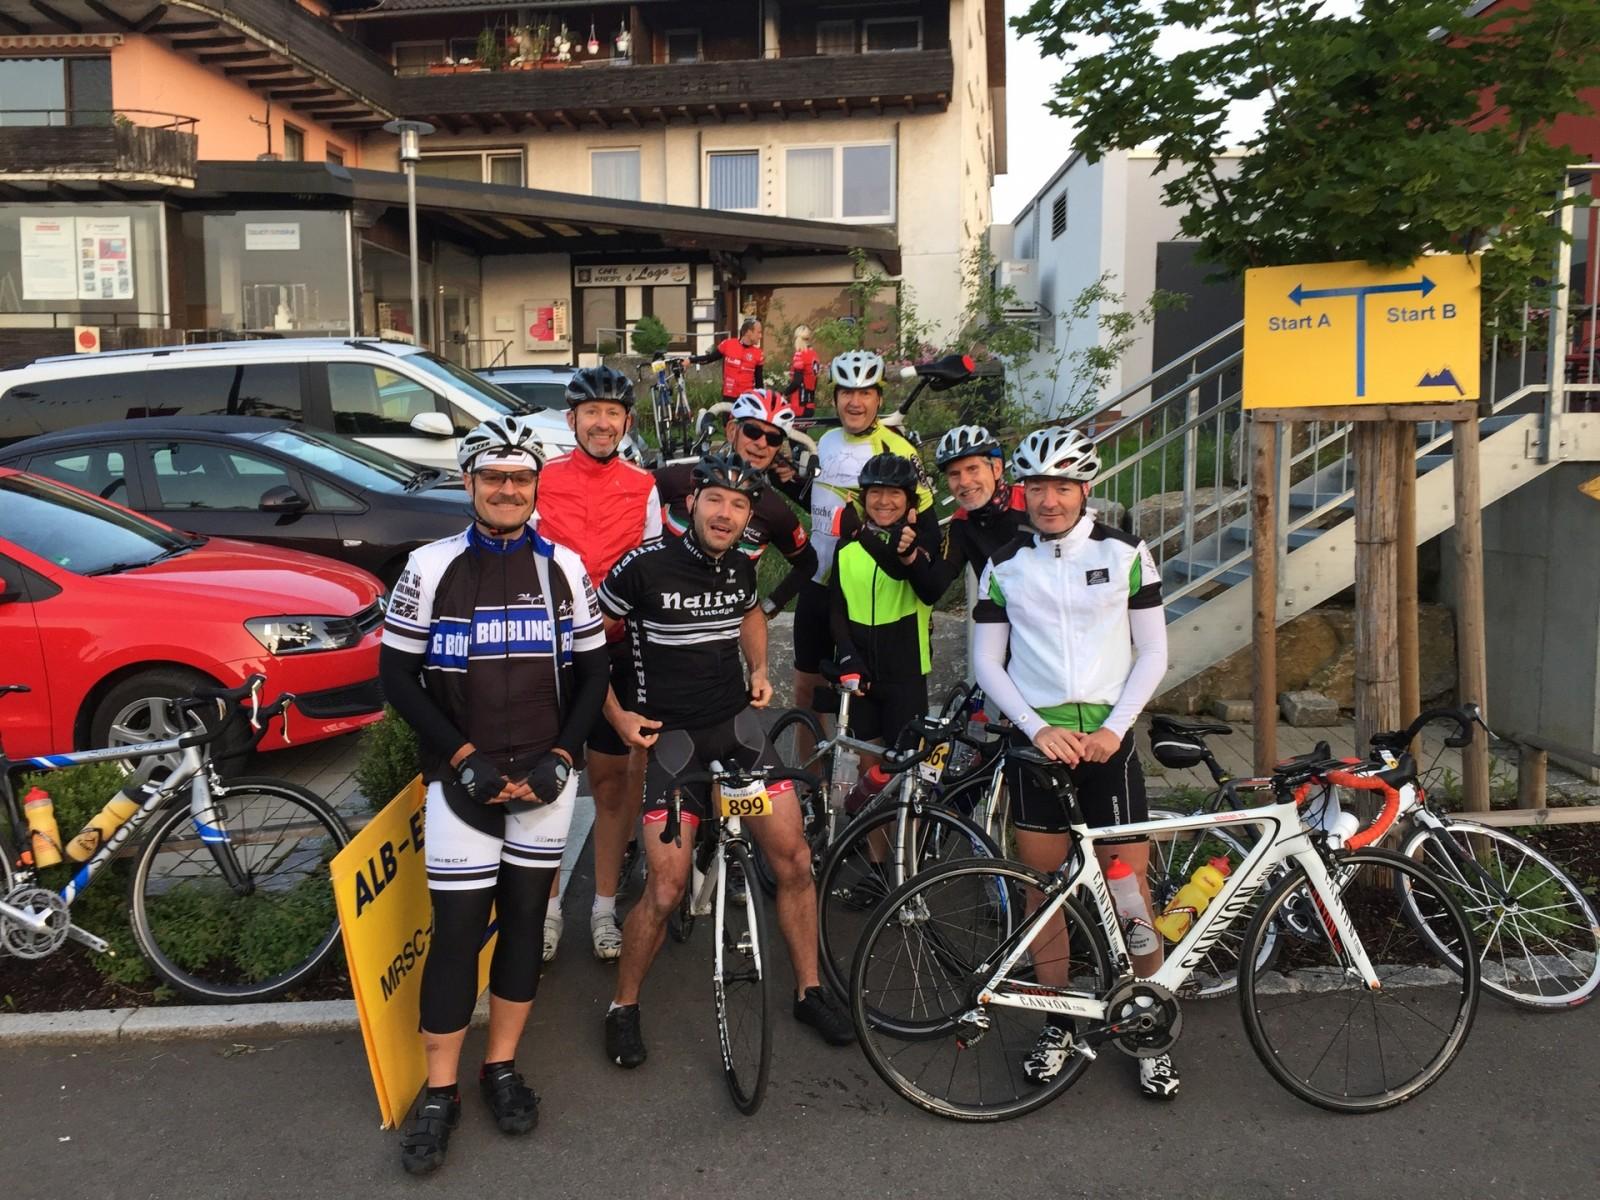 Alb-Extrem 2015, Vor dem Start... Herbert, Wolfgang, Tobias, Stefan, Siggi, Brigitte, Hartmut und Ralf